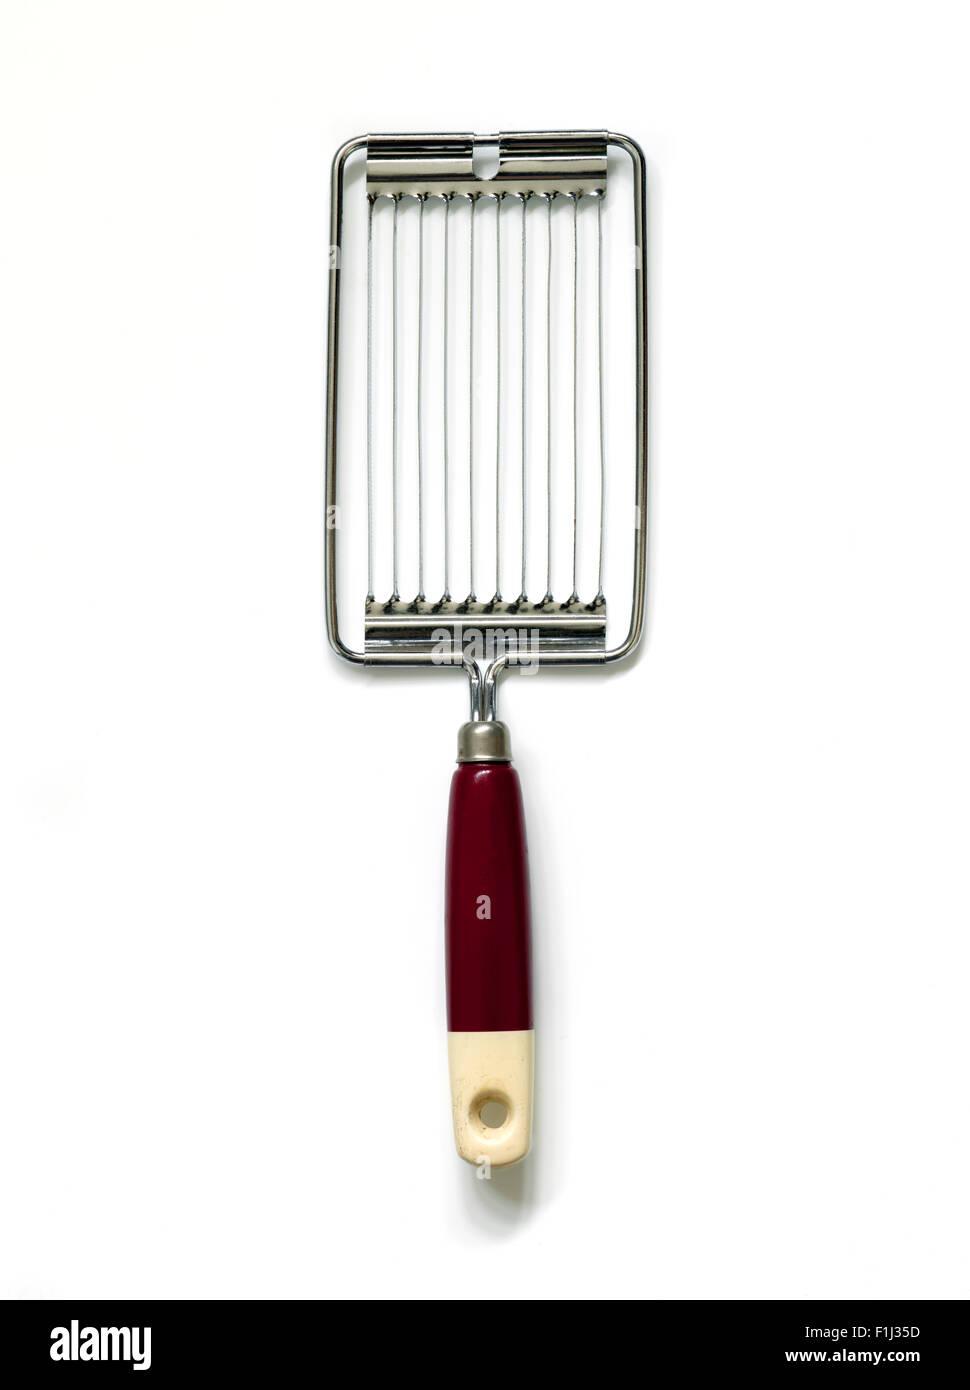 Old Vintage Kitchen Slicer - Stock Image